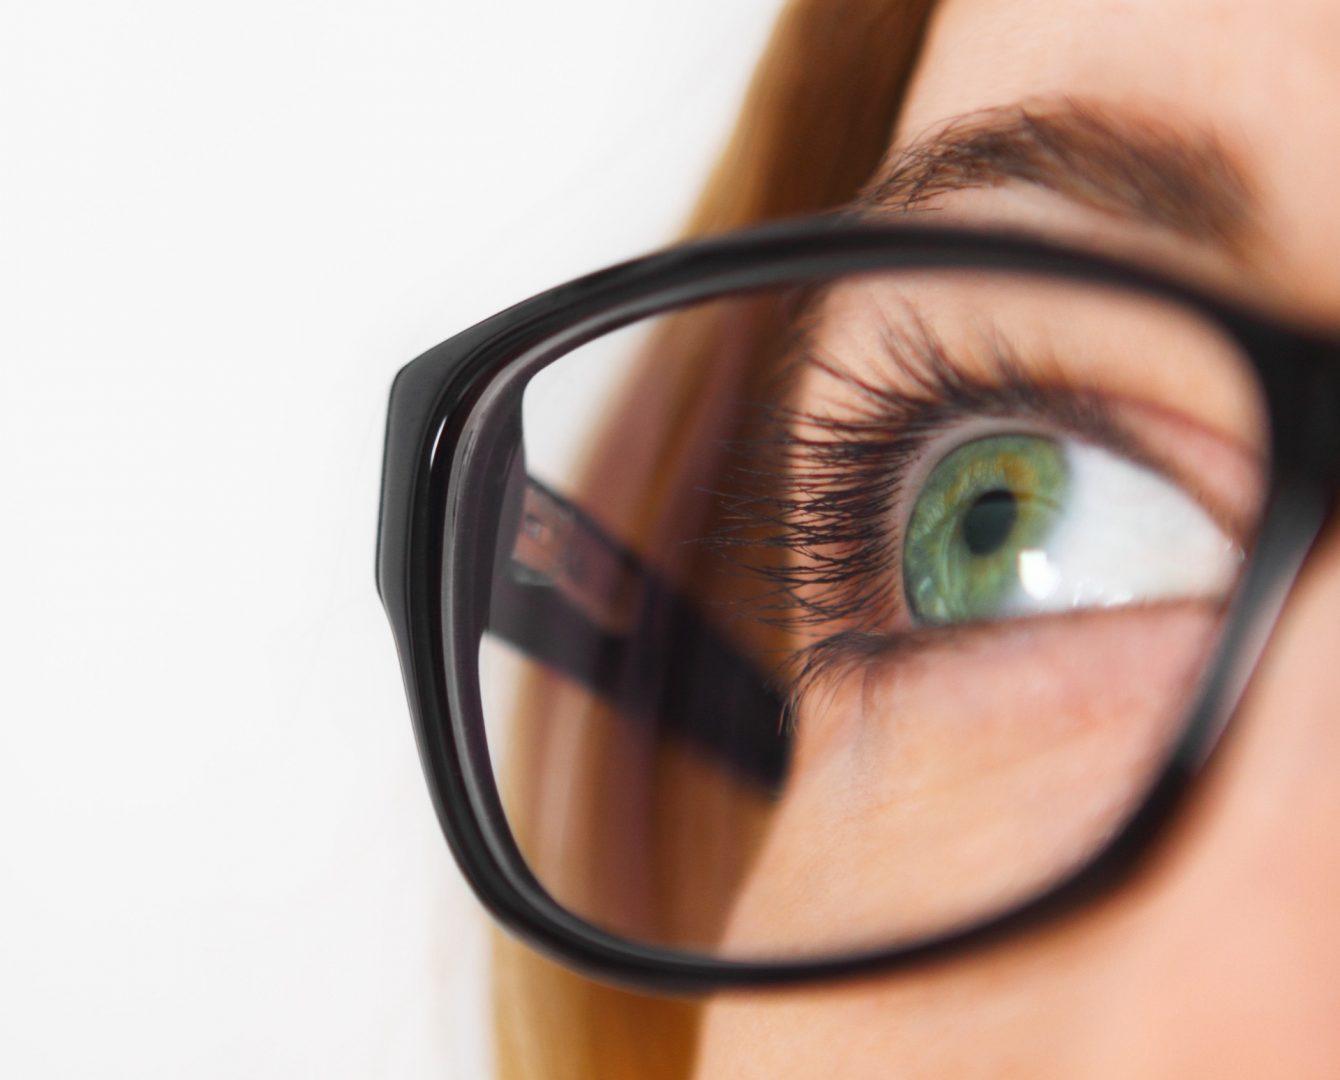 viziune după operație la domiciliu rozmarin pentru vedere